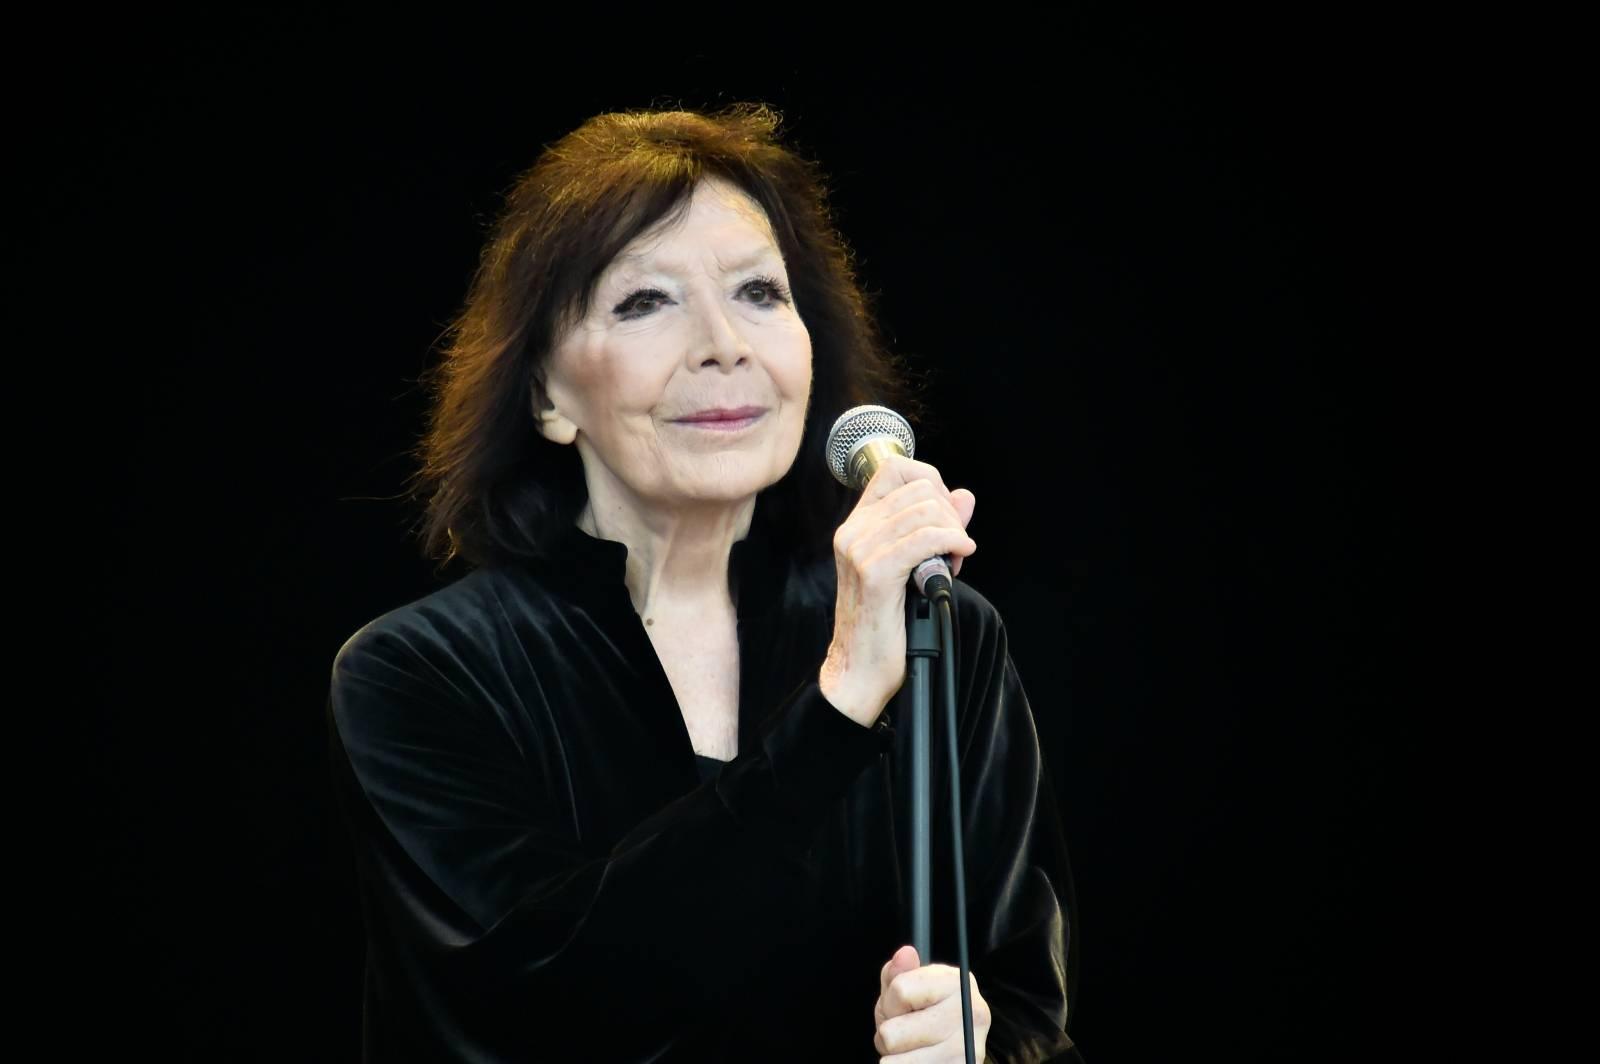 Juliette Gréco en concert lors de la Fête de l'Humanité 2015 à Paris